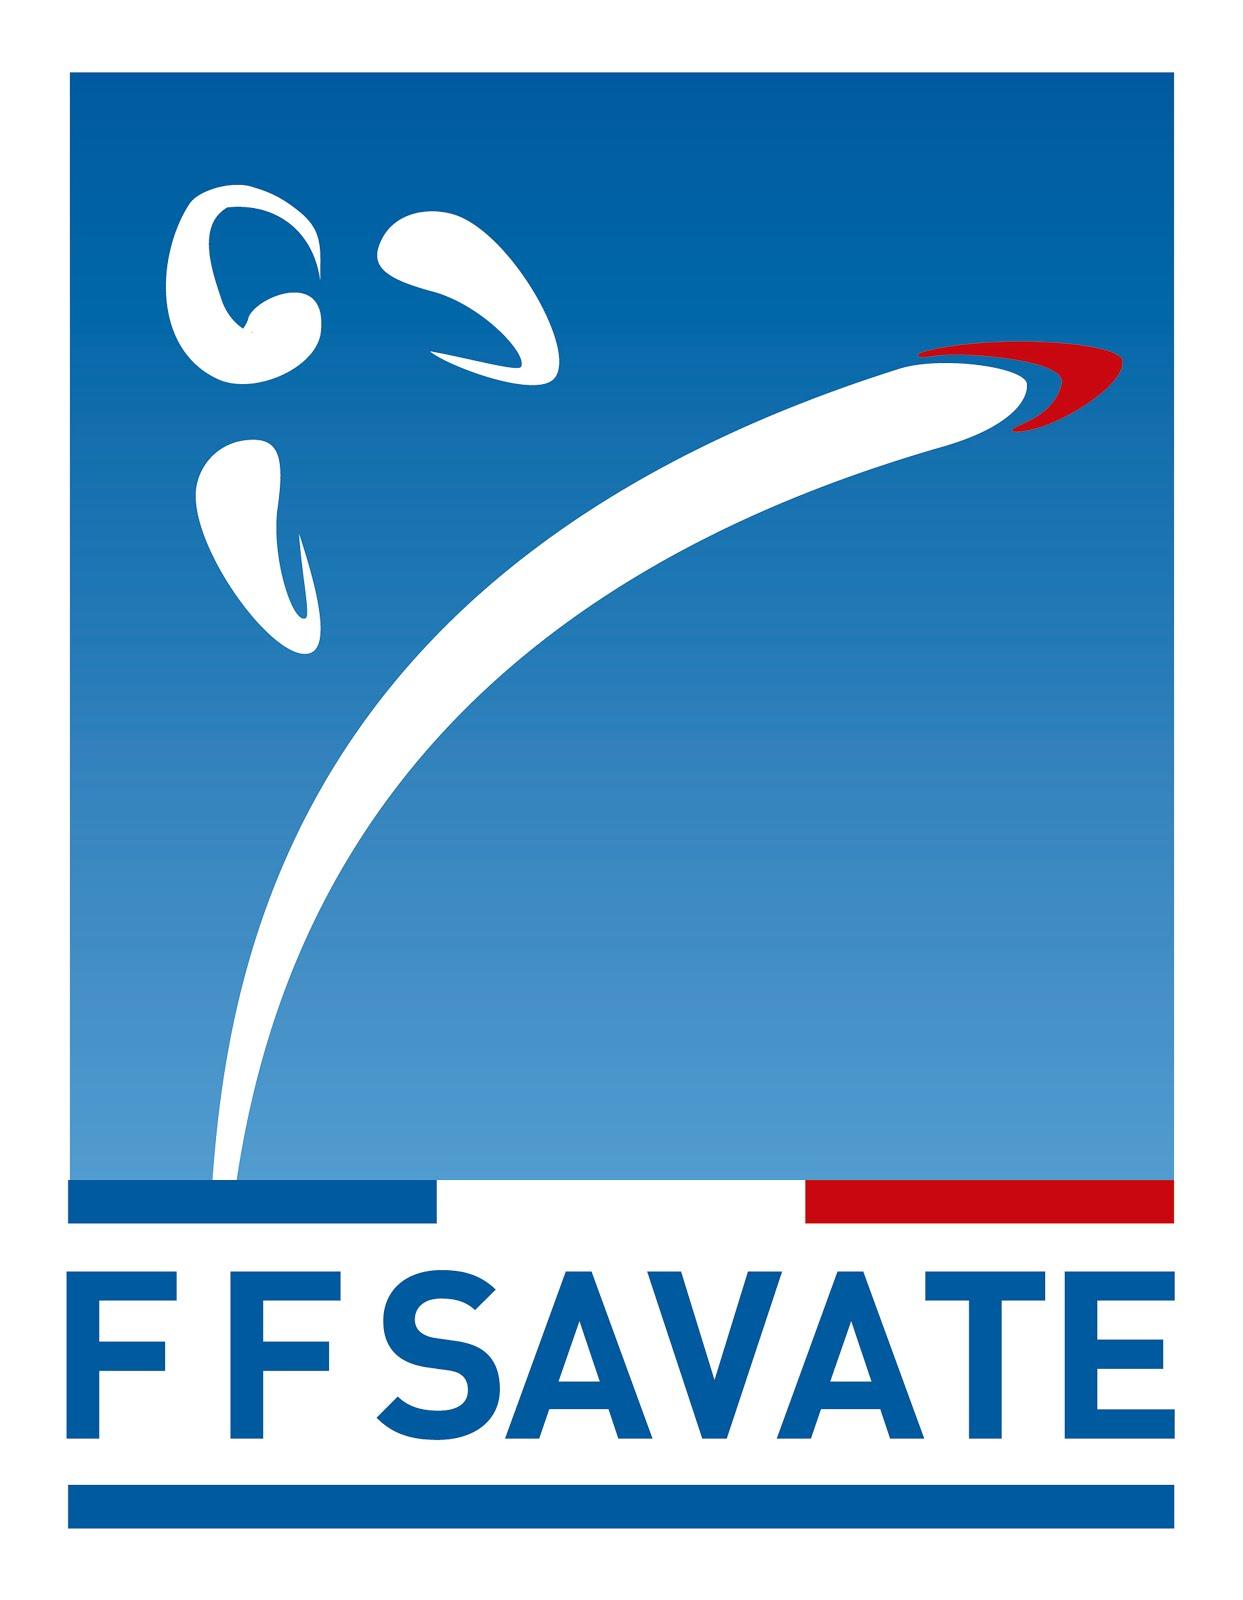 FEDERAÇÃO FRANCESA DE SAVATE